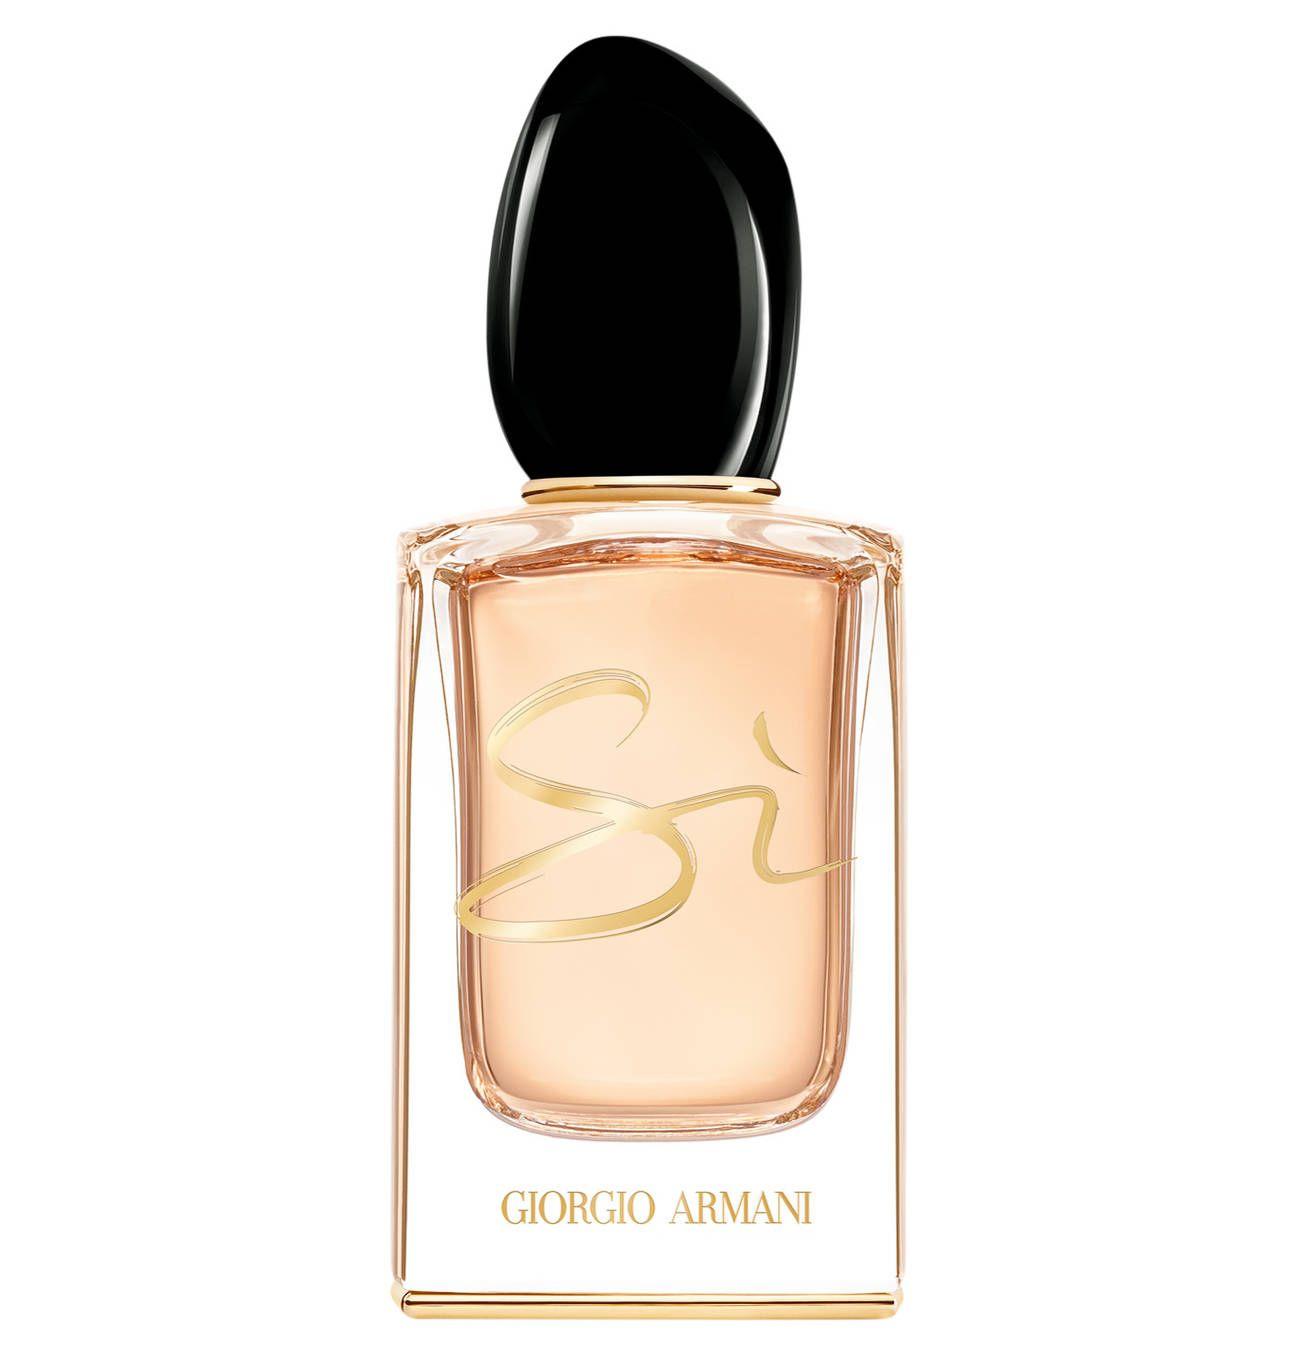 Giorgio Armani Christmas Edition Edp 50 Ml Galeria Kaufhof Parfum